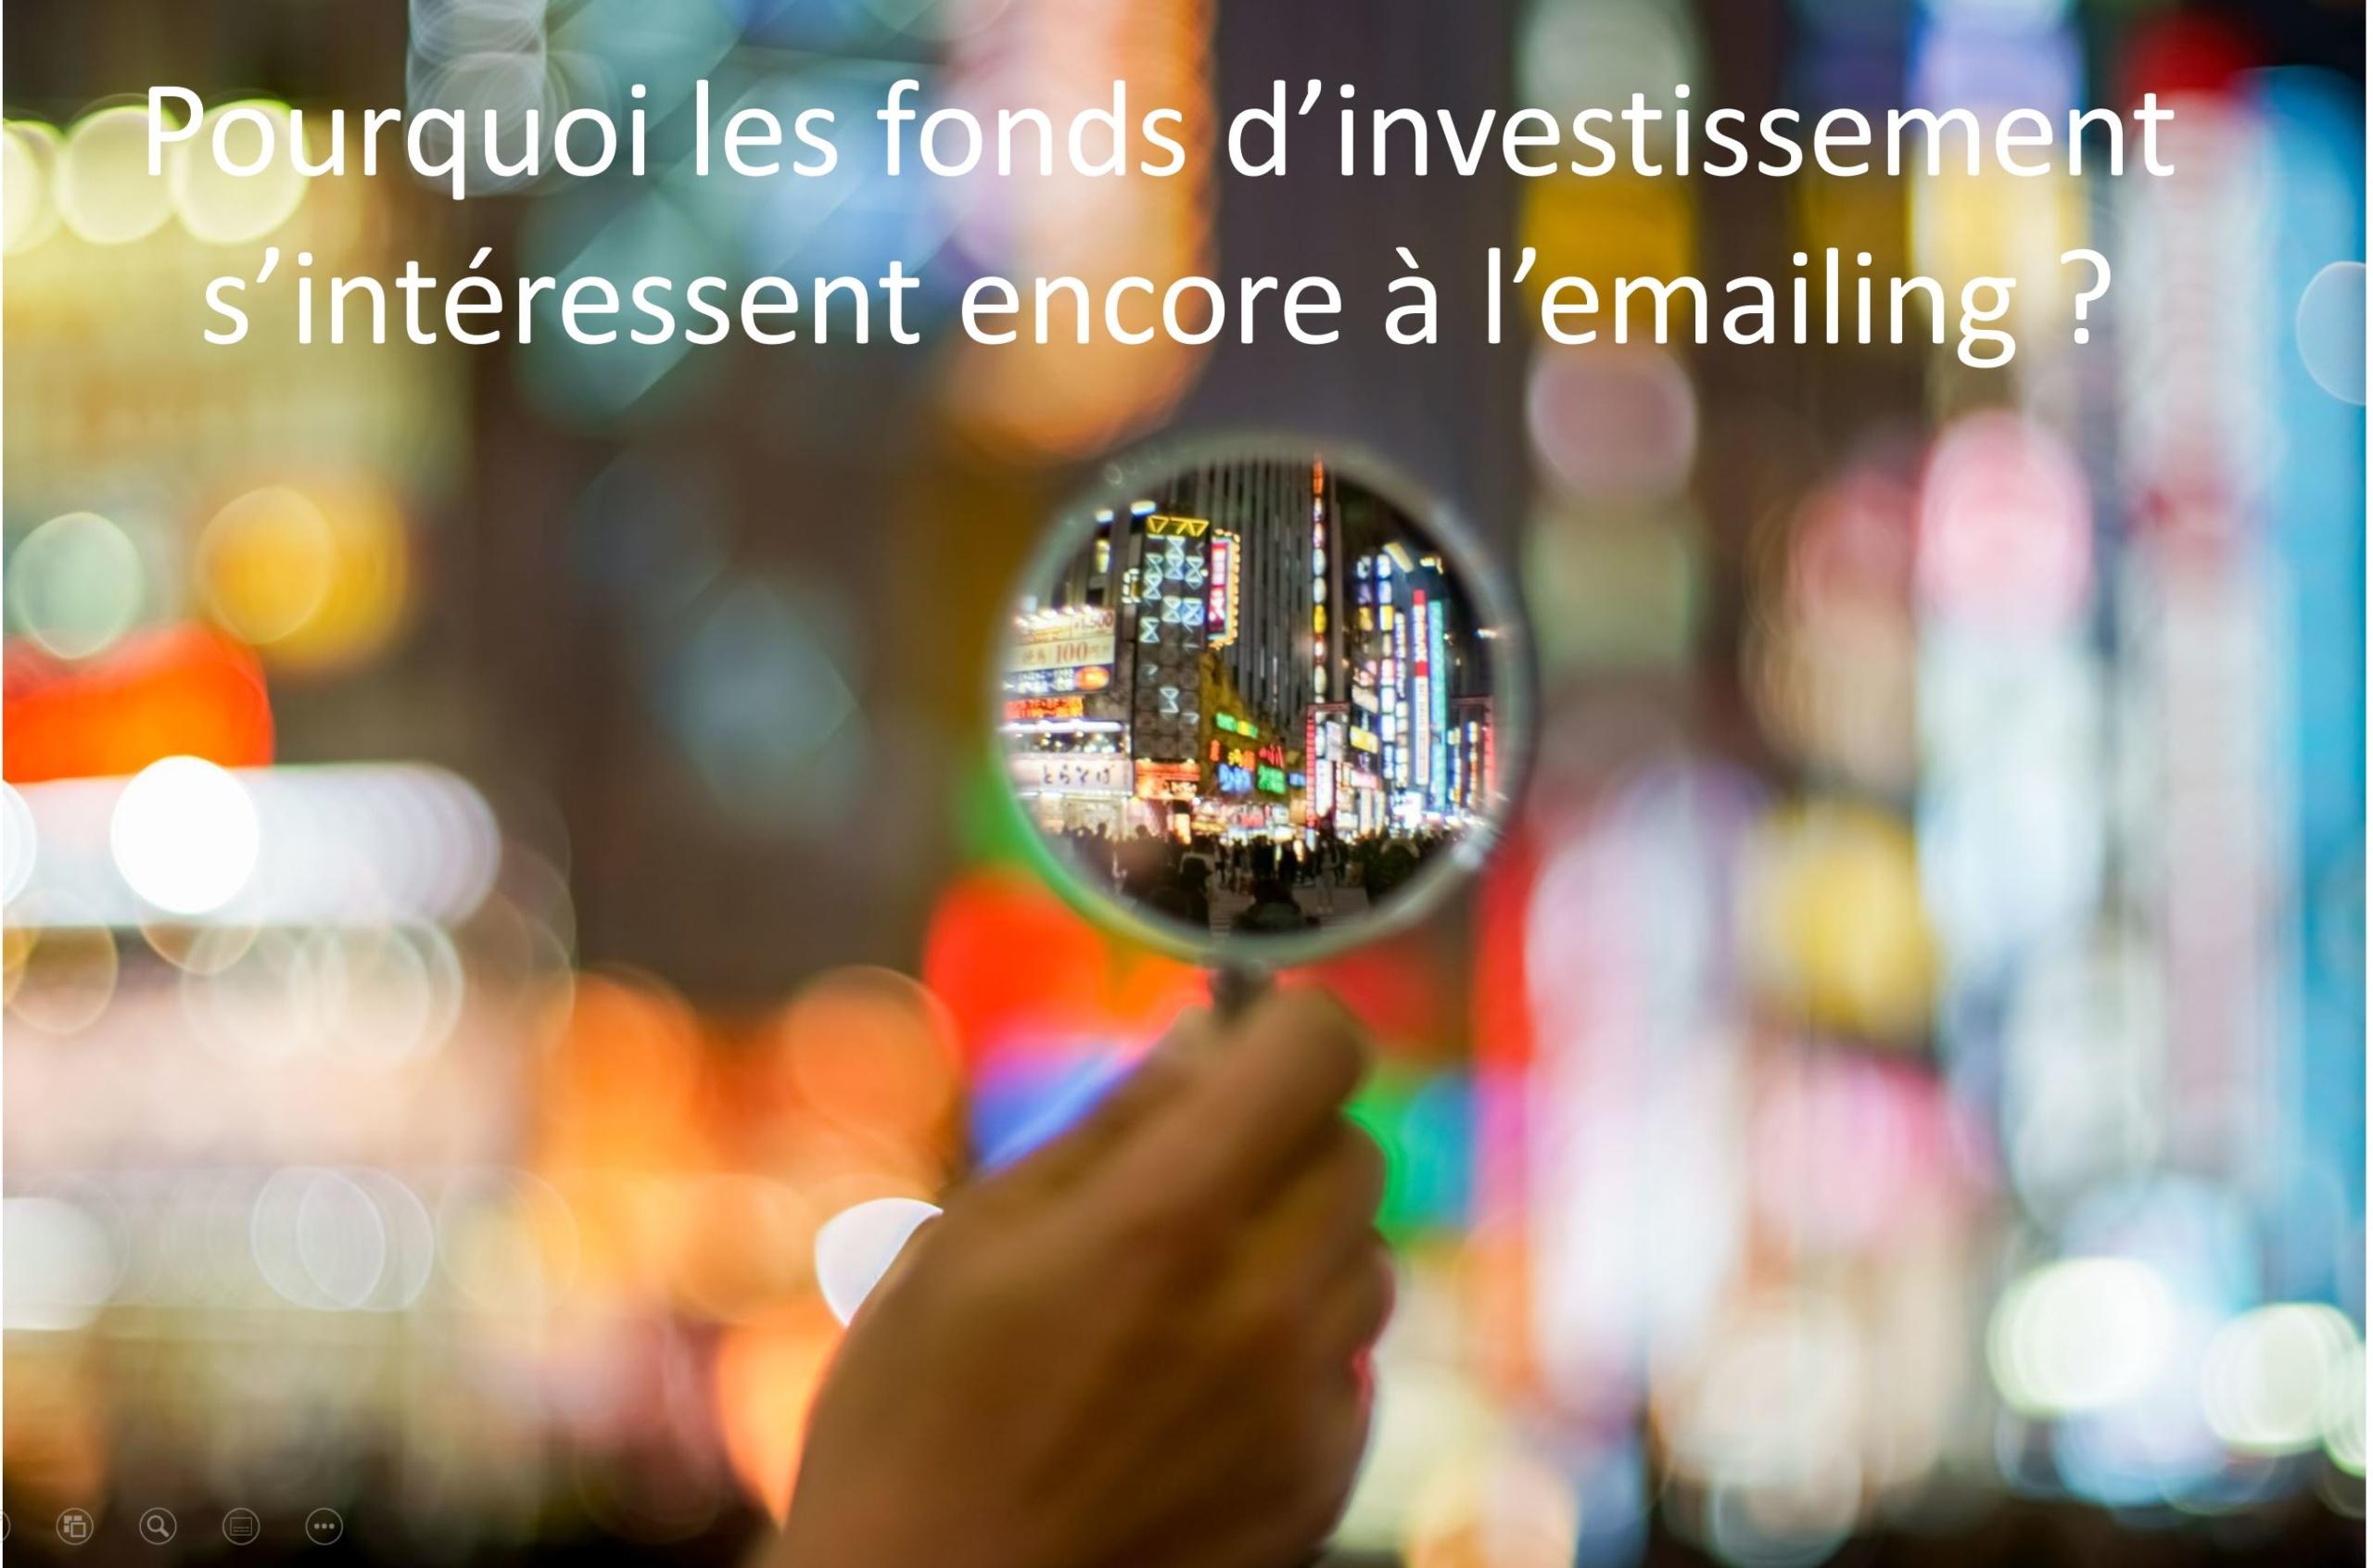 Pourquoi les fonds d'investissement s'intéressent-ils encore à l'emailing ? - Florence Consultant